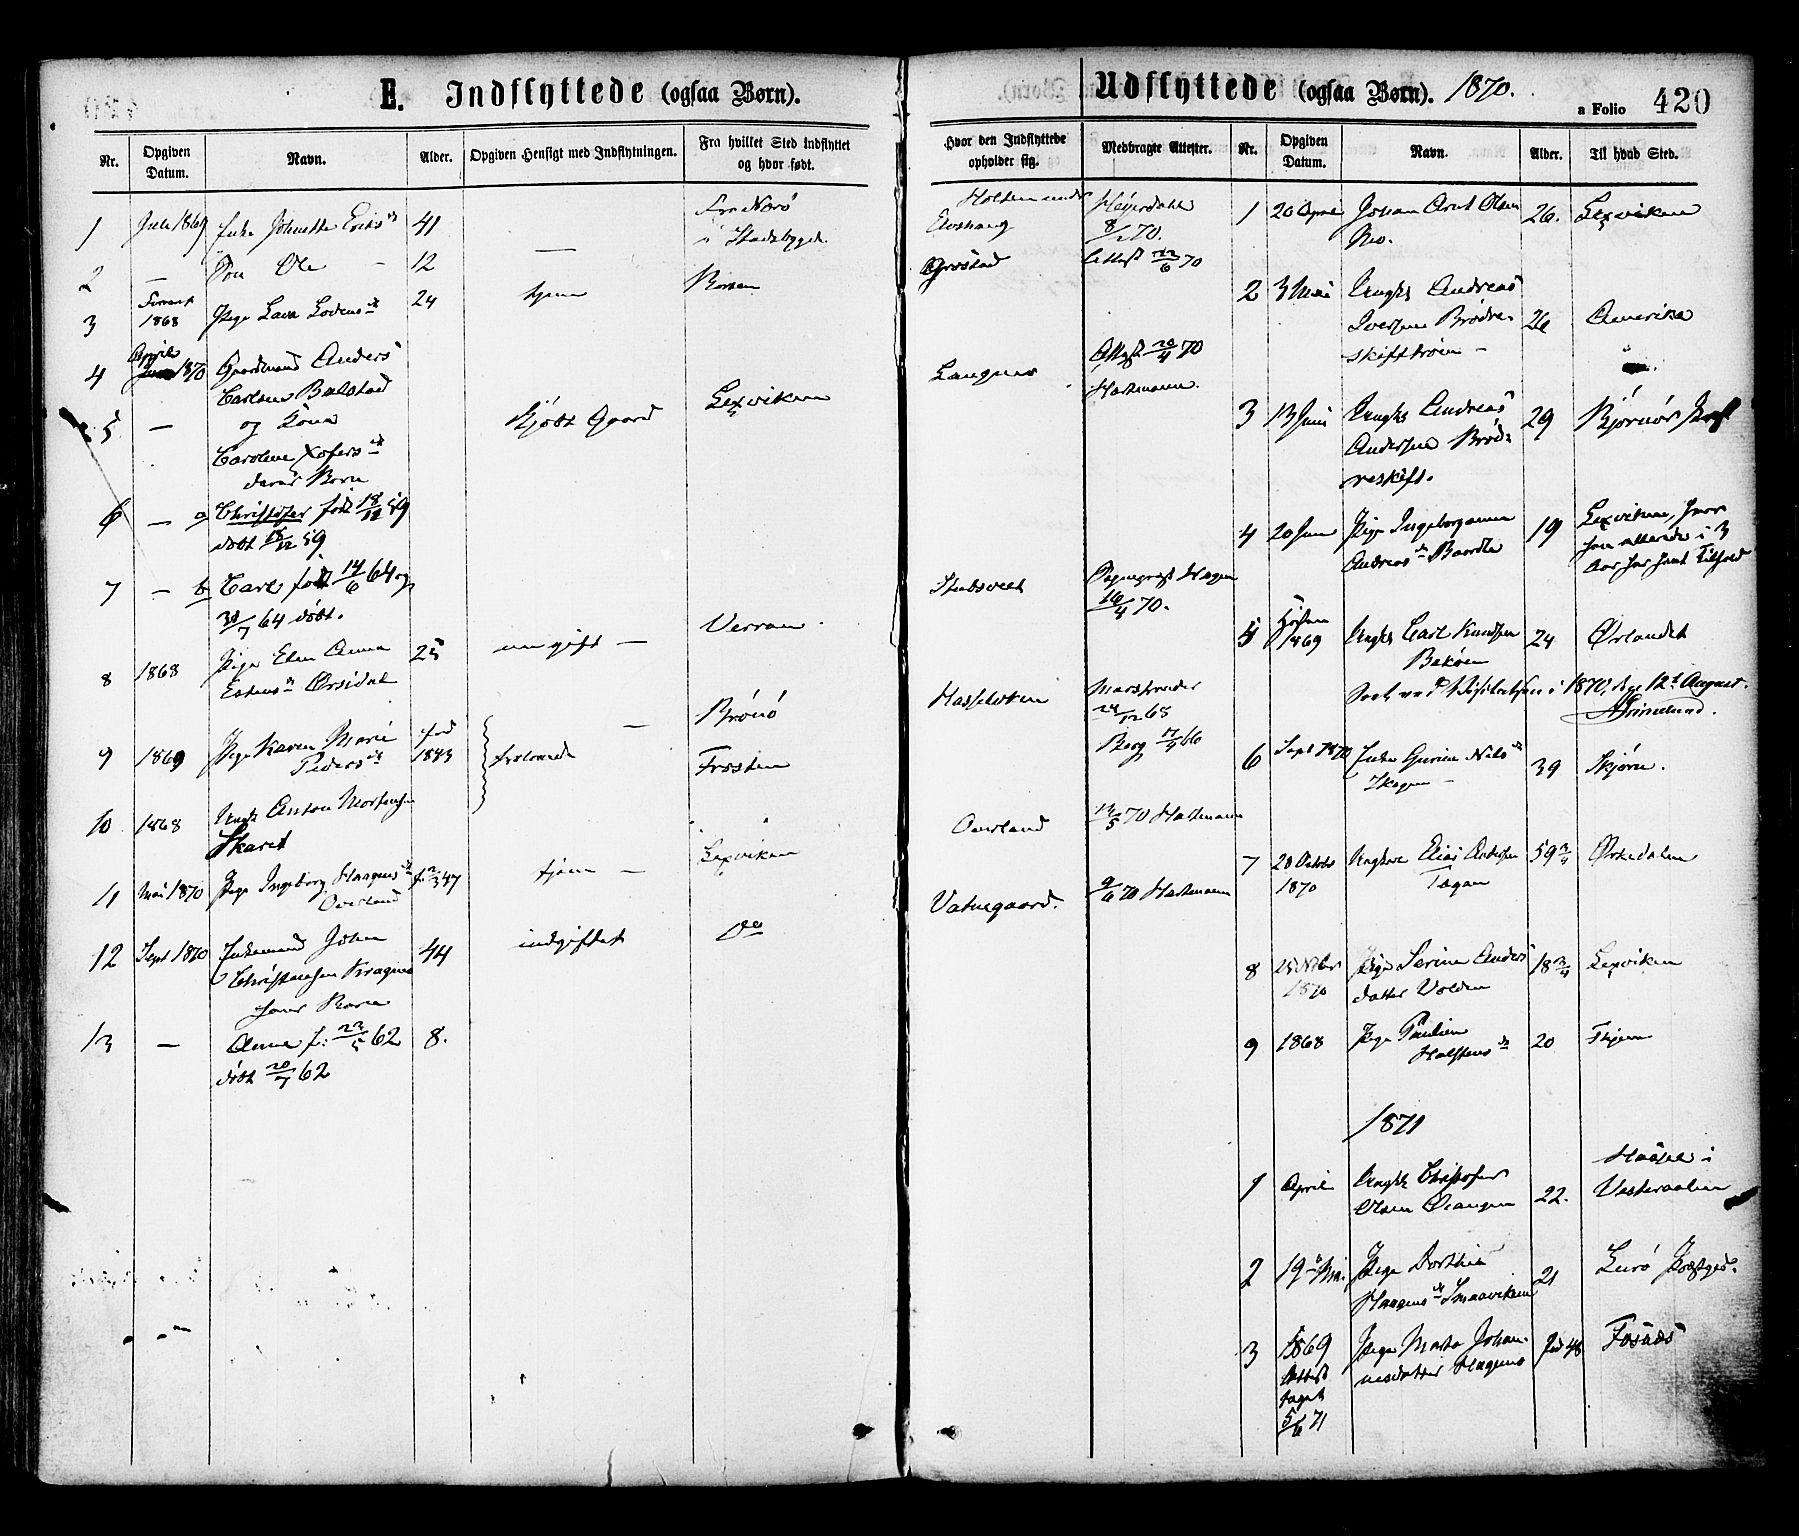 SAT, Ministerialprotokoller, klokkerbøker og fødselsregistre - Sør-Trøndelag, 646/L0613: Ministerialbok nr. 646A11, 1870-1884, s. 420